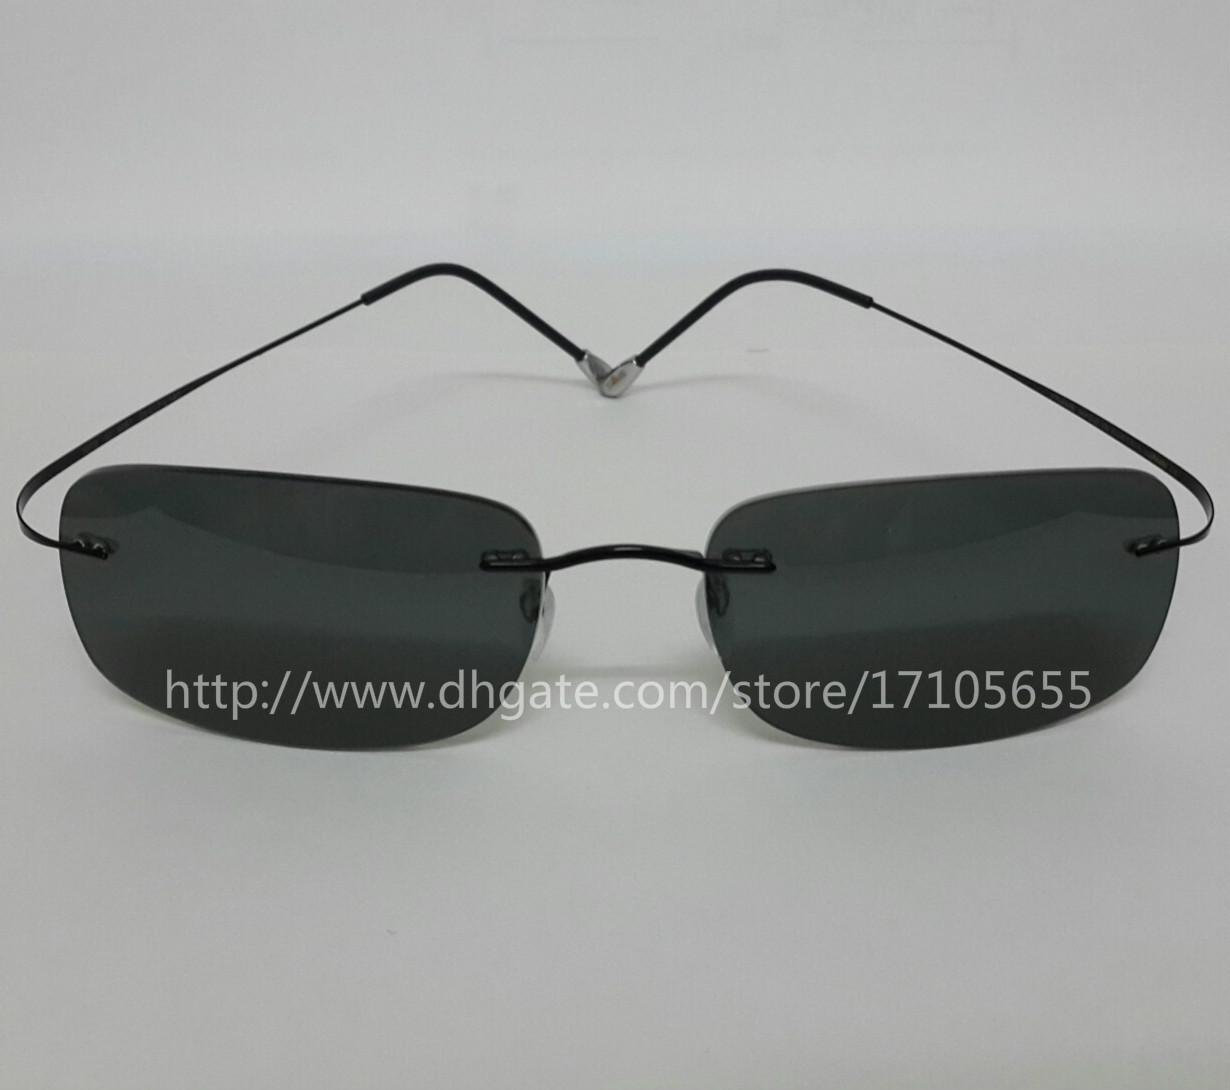 Compre Silueta Sin Montura Gafas De Sol Polarizadas De Los Hombres ...